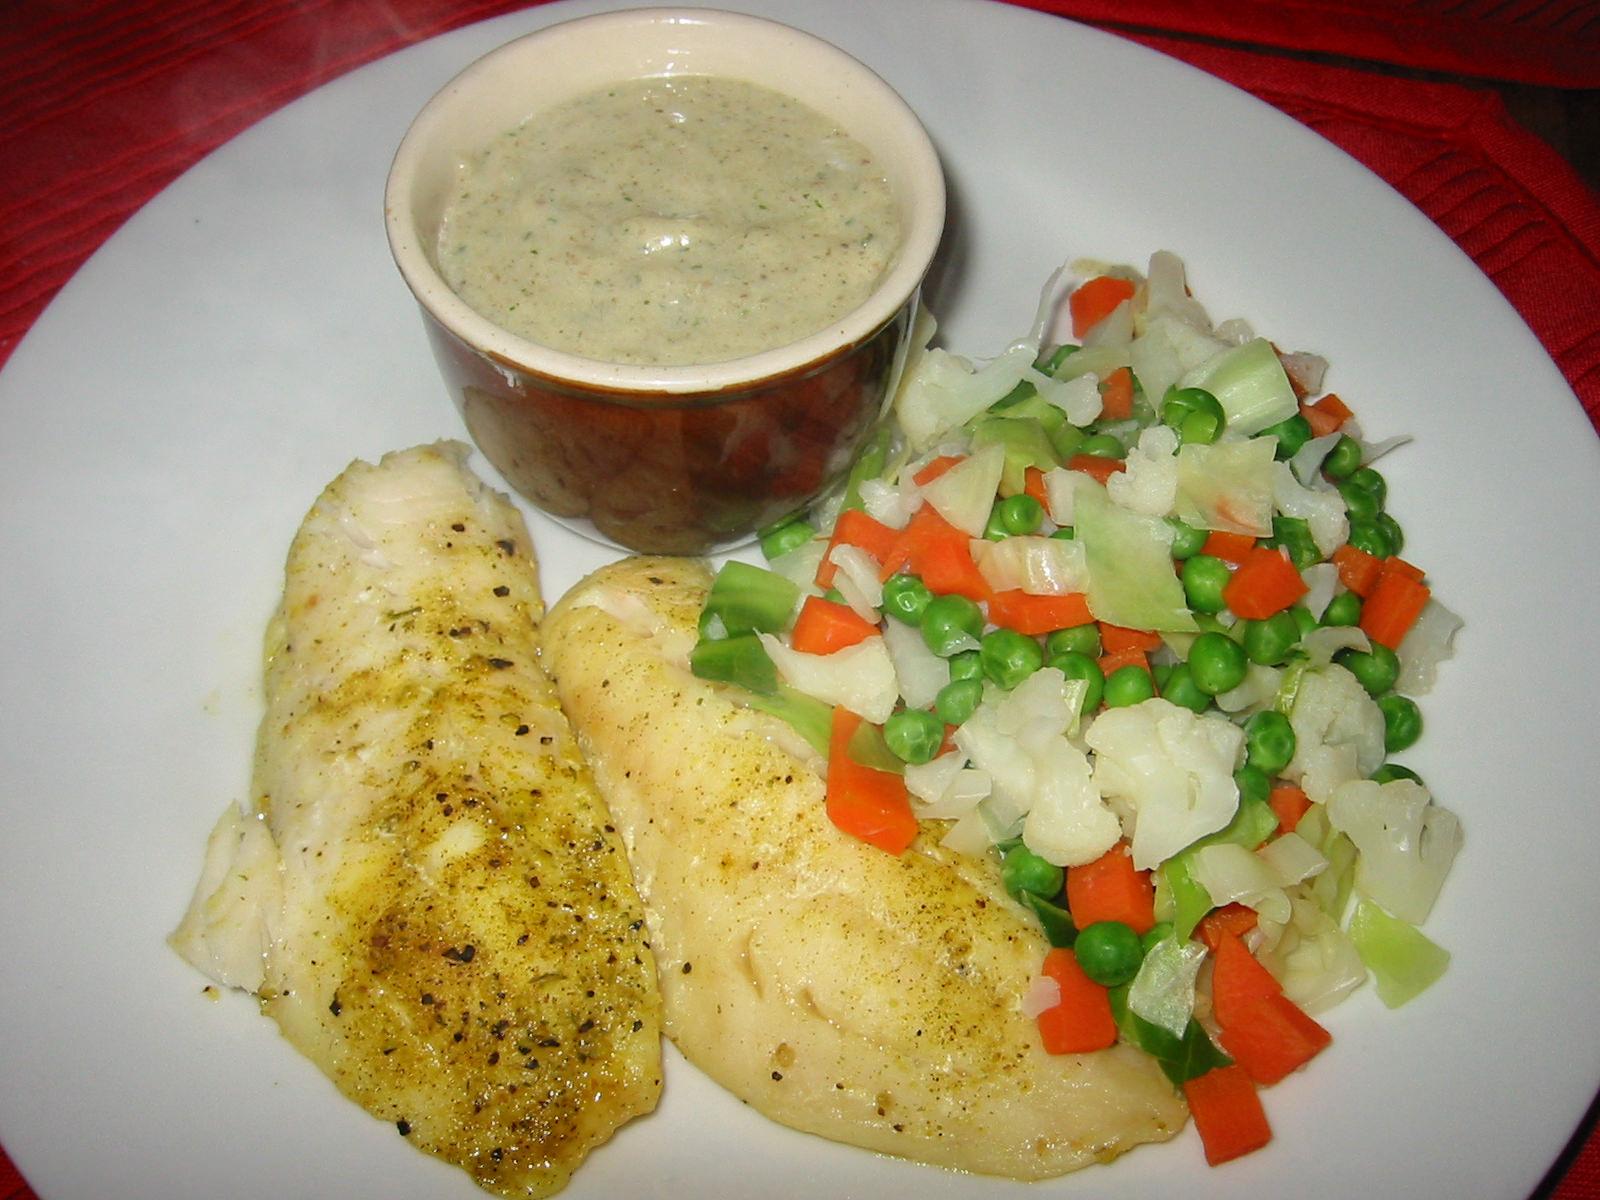 Lemon pepper snapper, steamed veg and garlic/parsley sauce